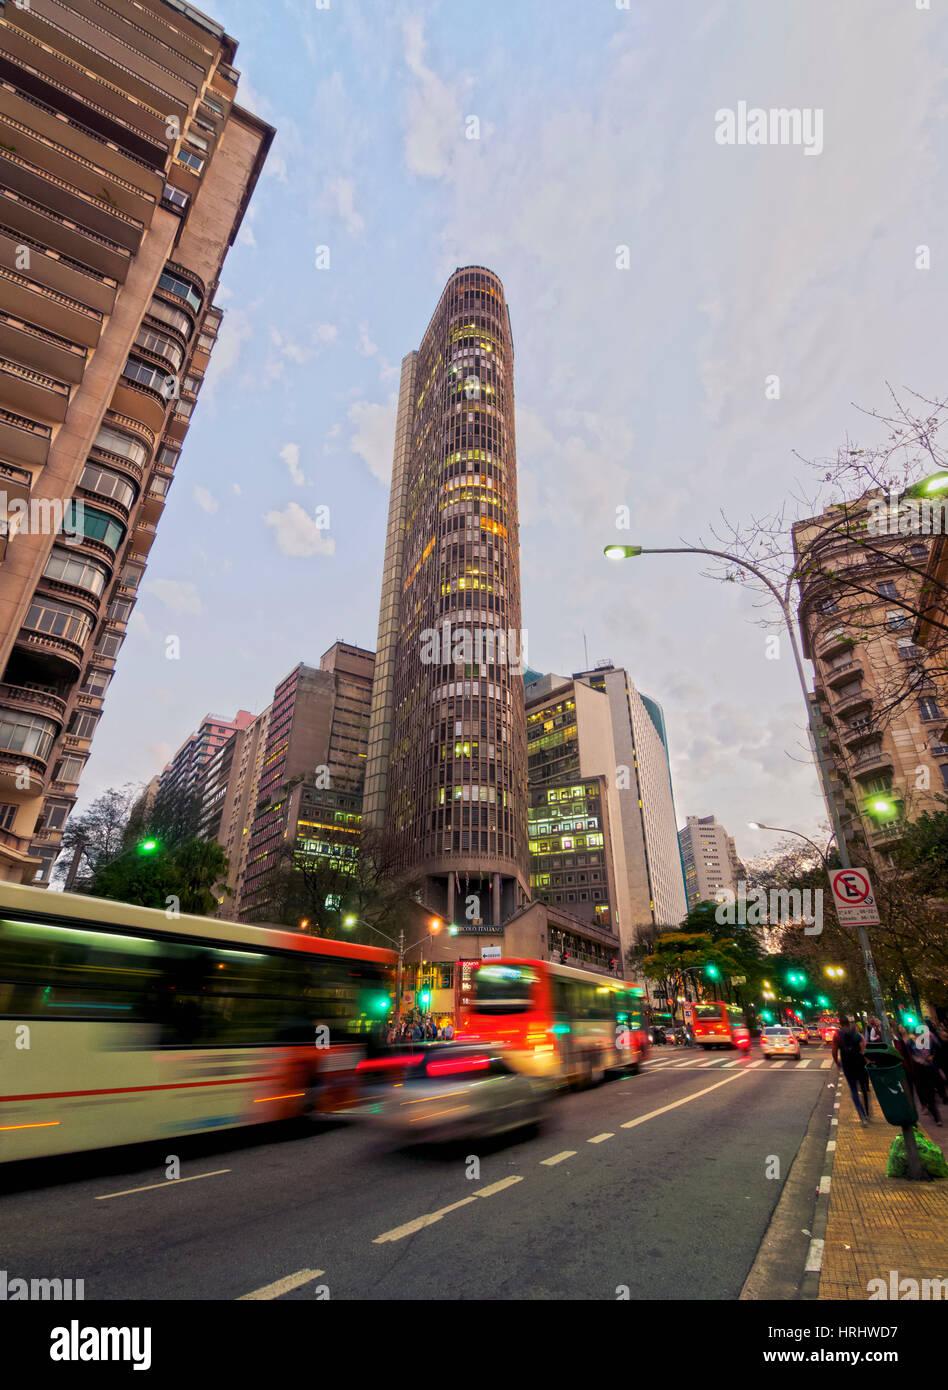 Vista crepuscolo di Ipiranga Avenue e l'Edificio Italia, città di Sao Paulo, Stato di Sao Paulo, Brasile Immagini Stock